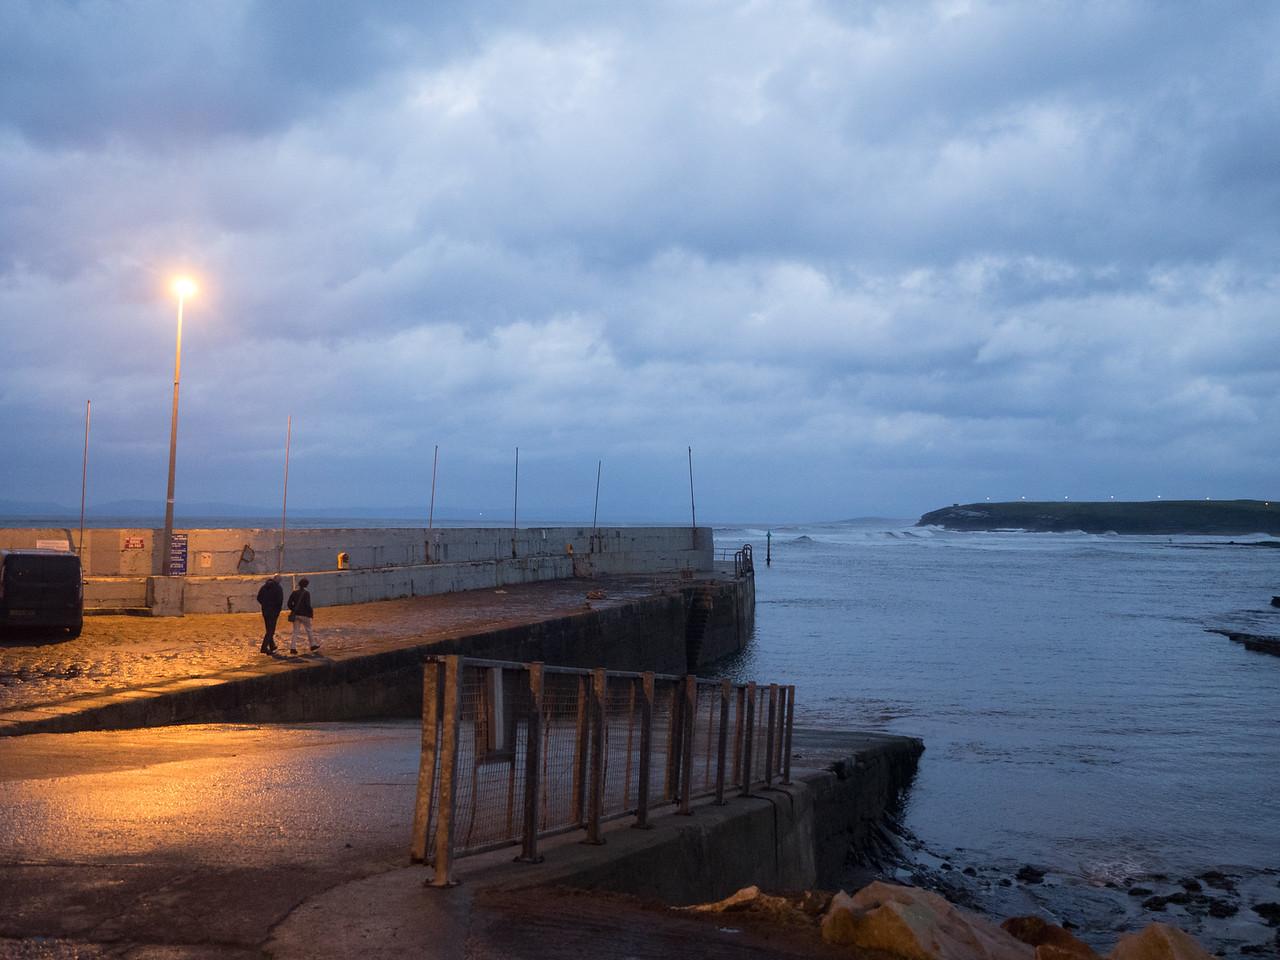 A night-time stroll in Bundoran.